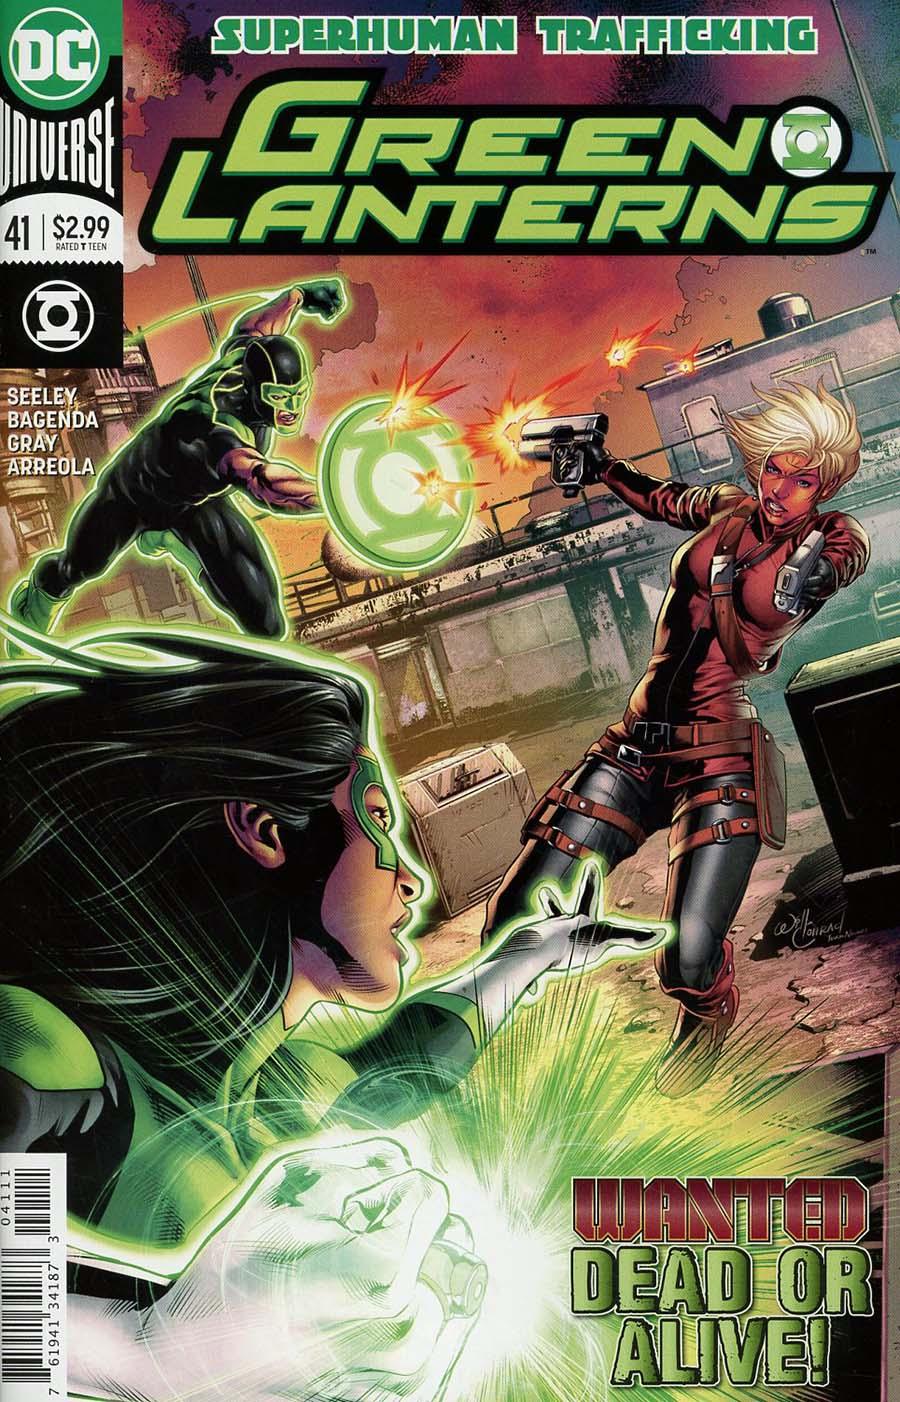 Green Lanterns 41 - Superhuman Trafficking 2